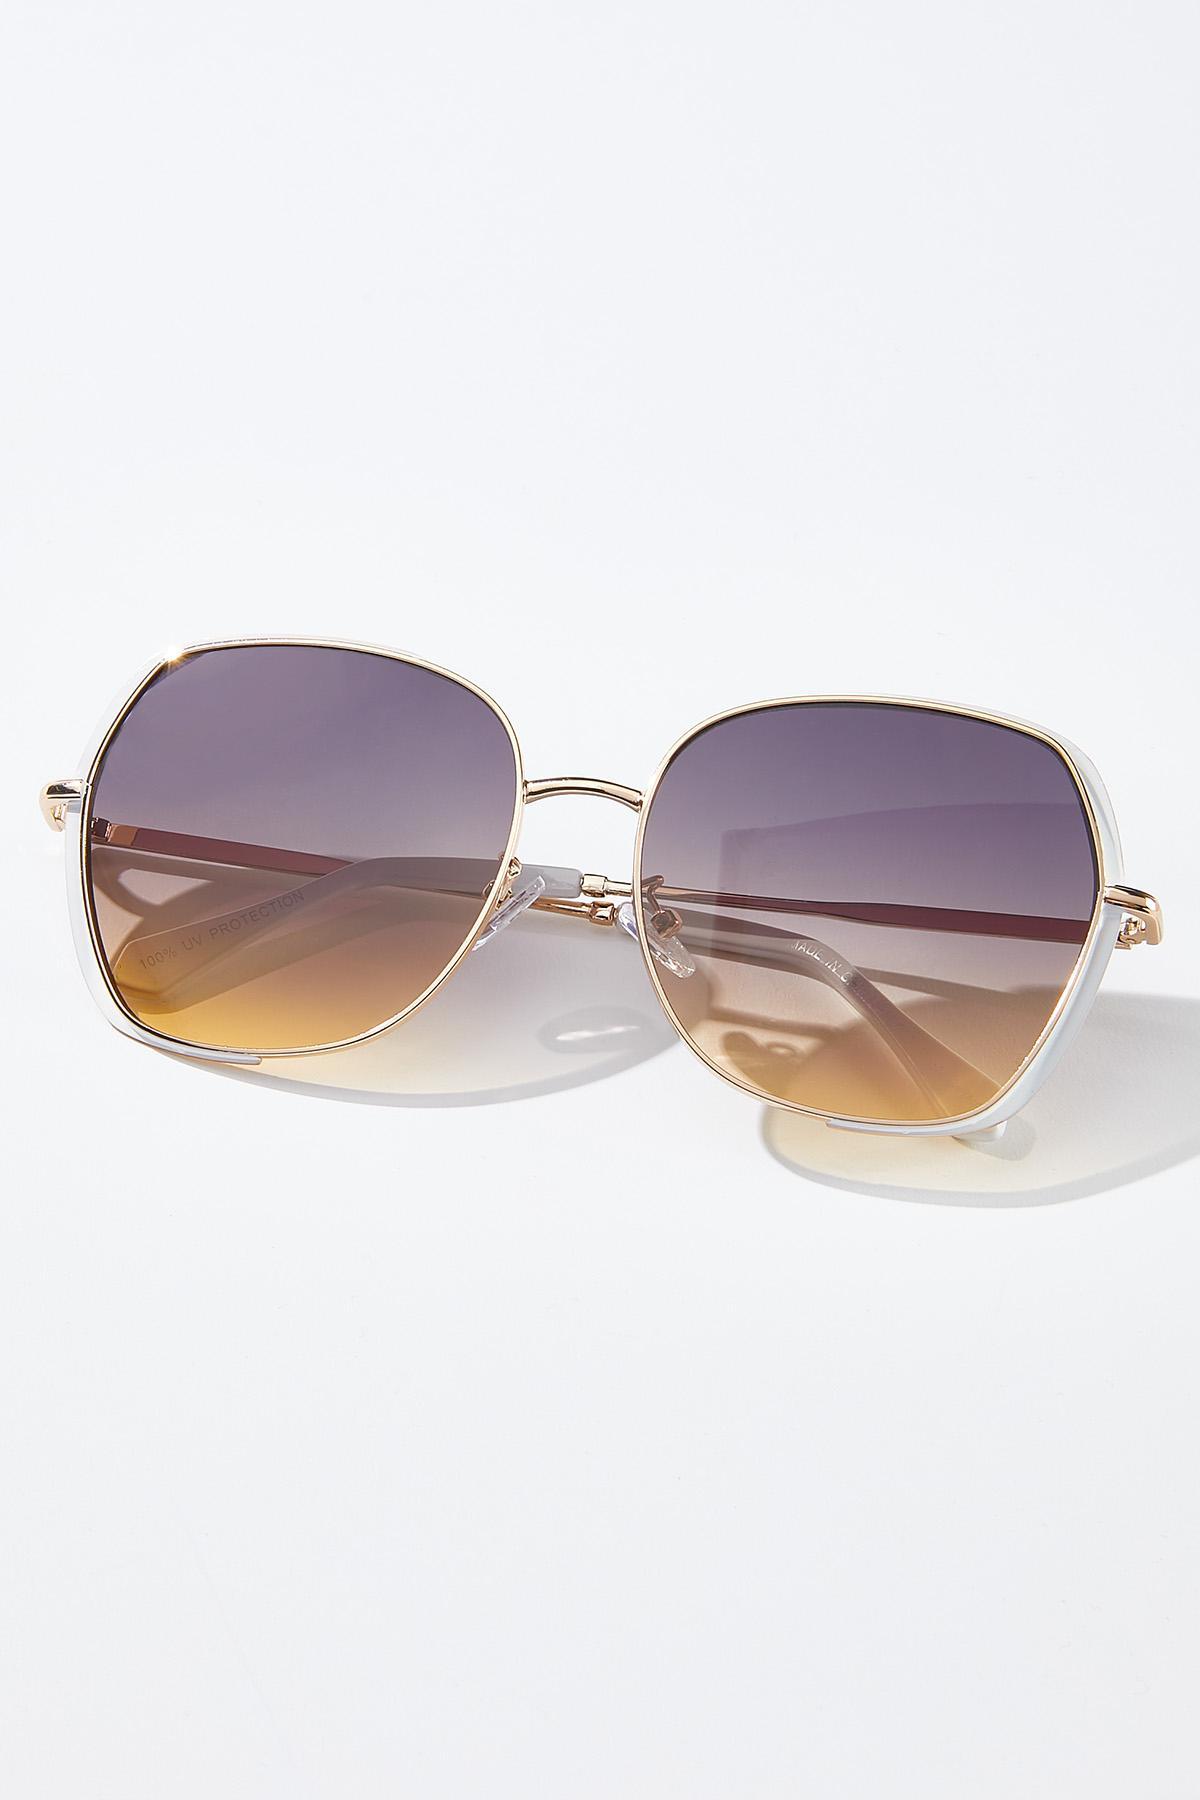 White Gold Statement Sunglasses